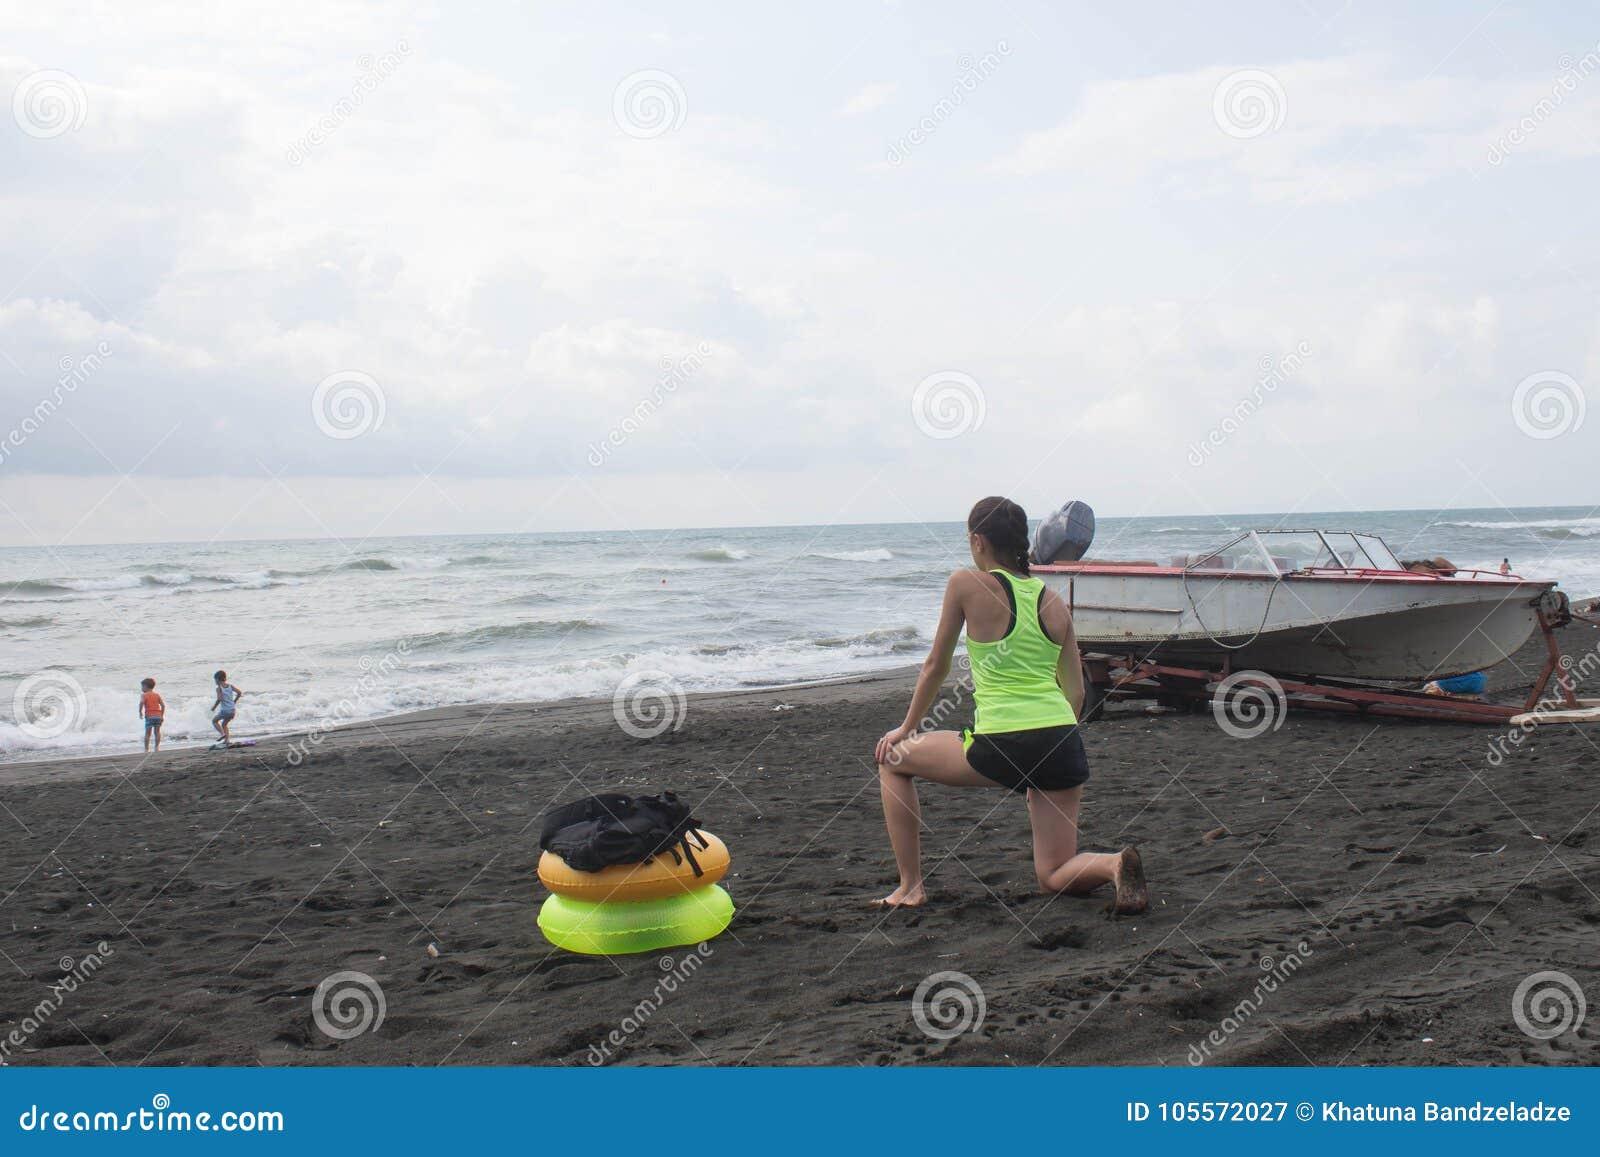 La ragazza, il fuoribordo ed il giallo, anello di galleggiamento verde sulla spiaggia, annuvolamento, nuvole, ondeggia